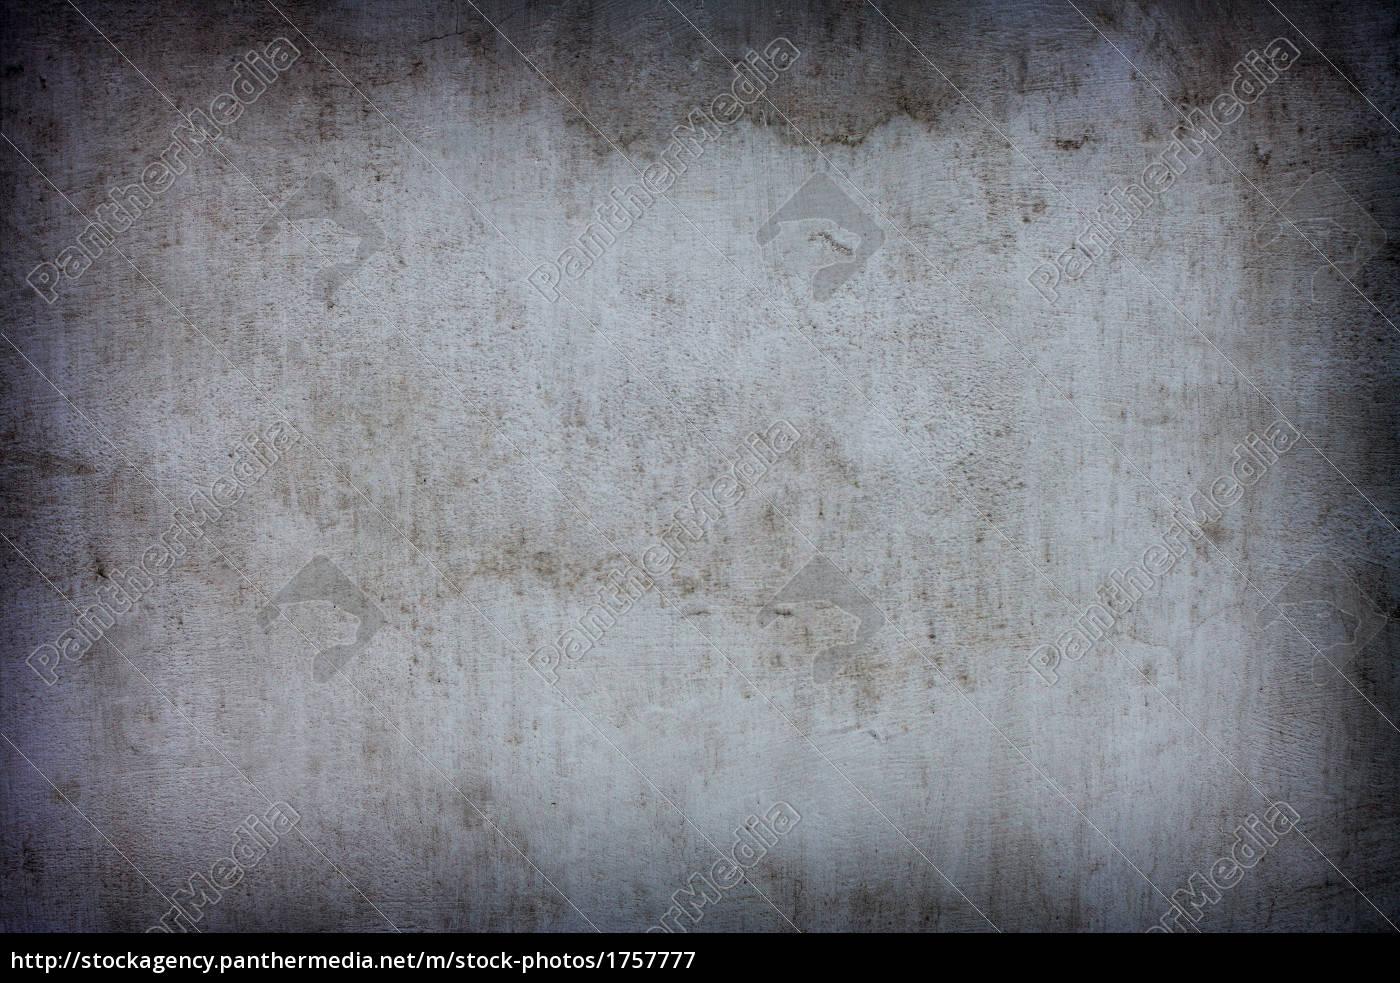 grunge textur wand hintergrund lizenzfreies bild 1757777 bildagentur panthermedia. Black Bedroom Furniture Sets. Home Design Ideas